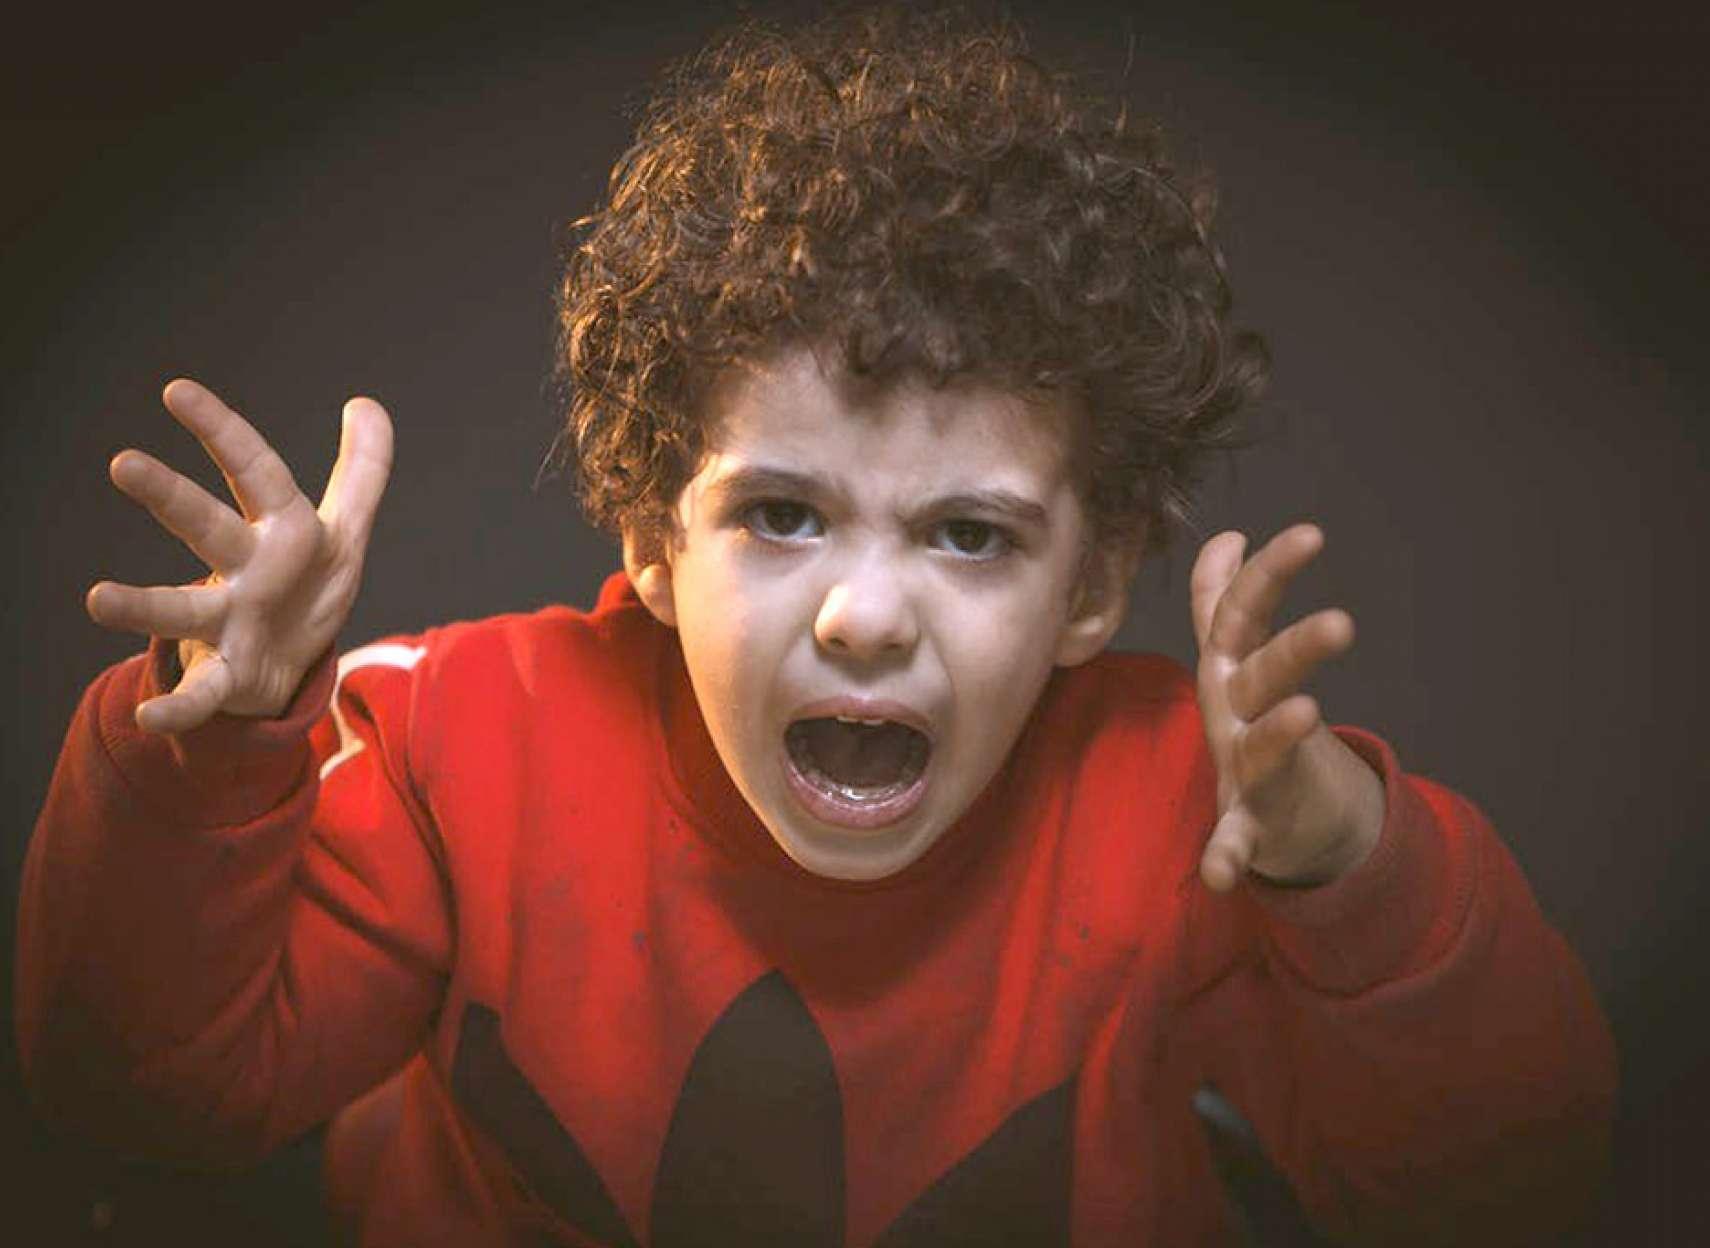 روانشناسی-داعی-کودکان-خشمگین-یا-عصبانی